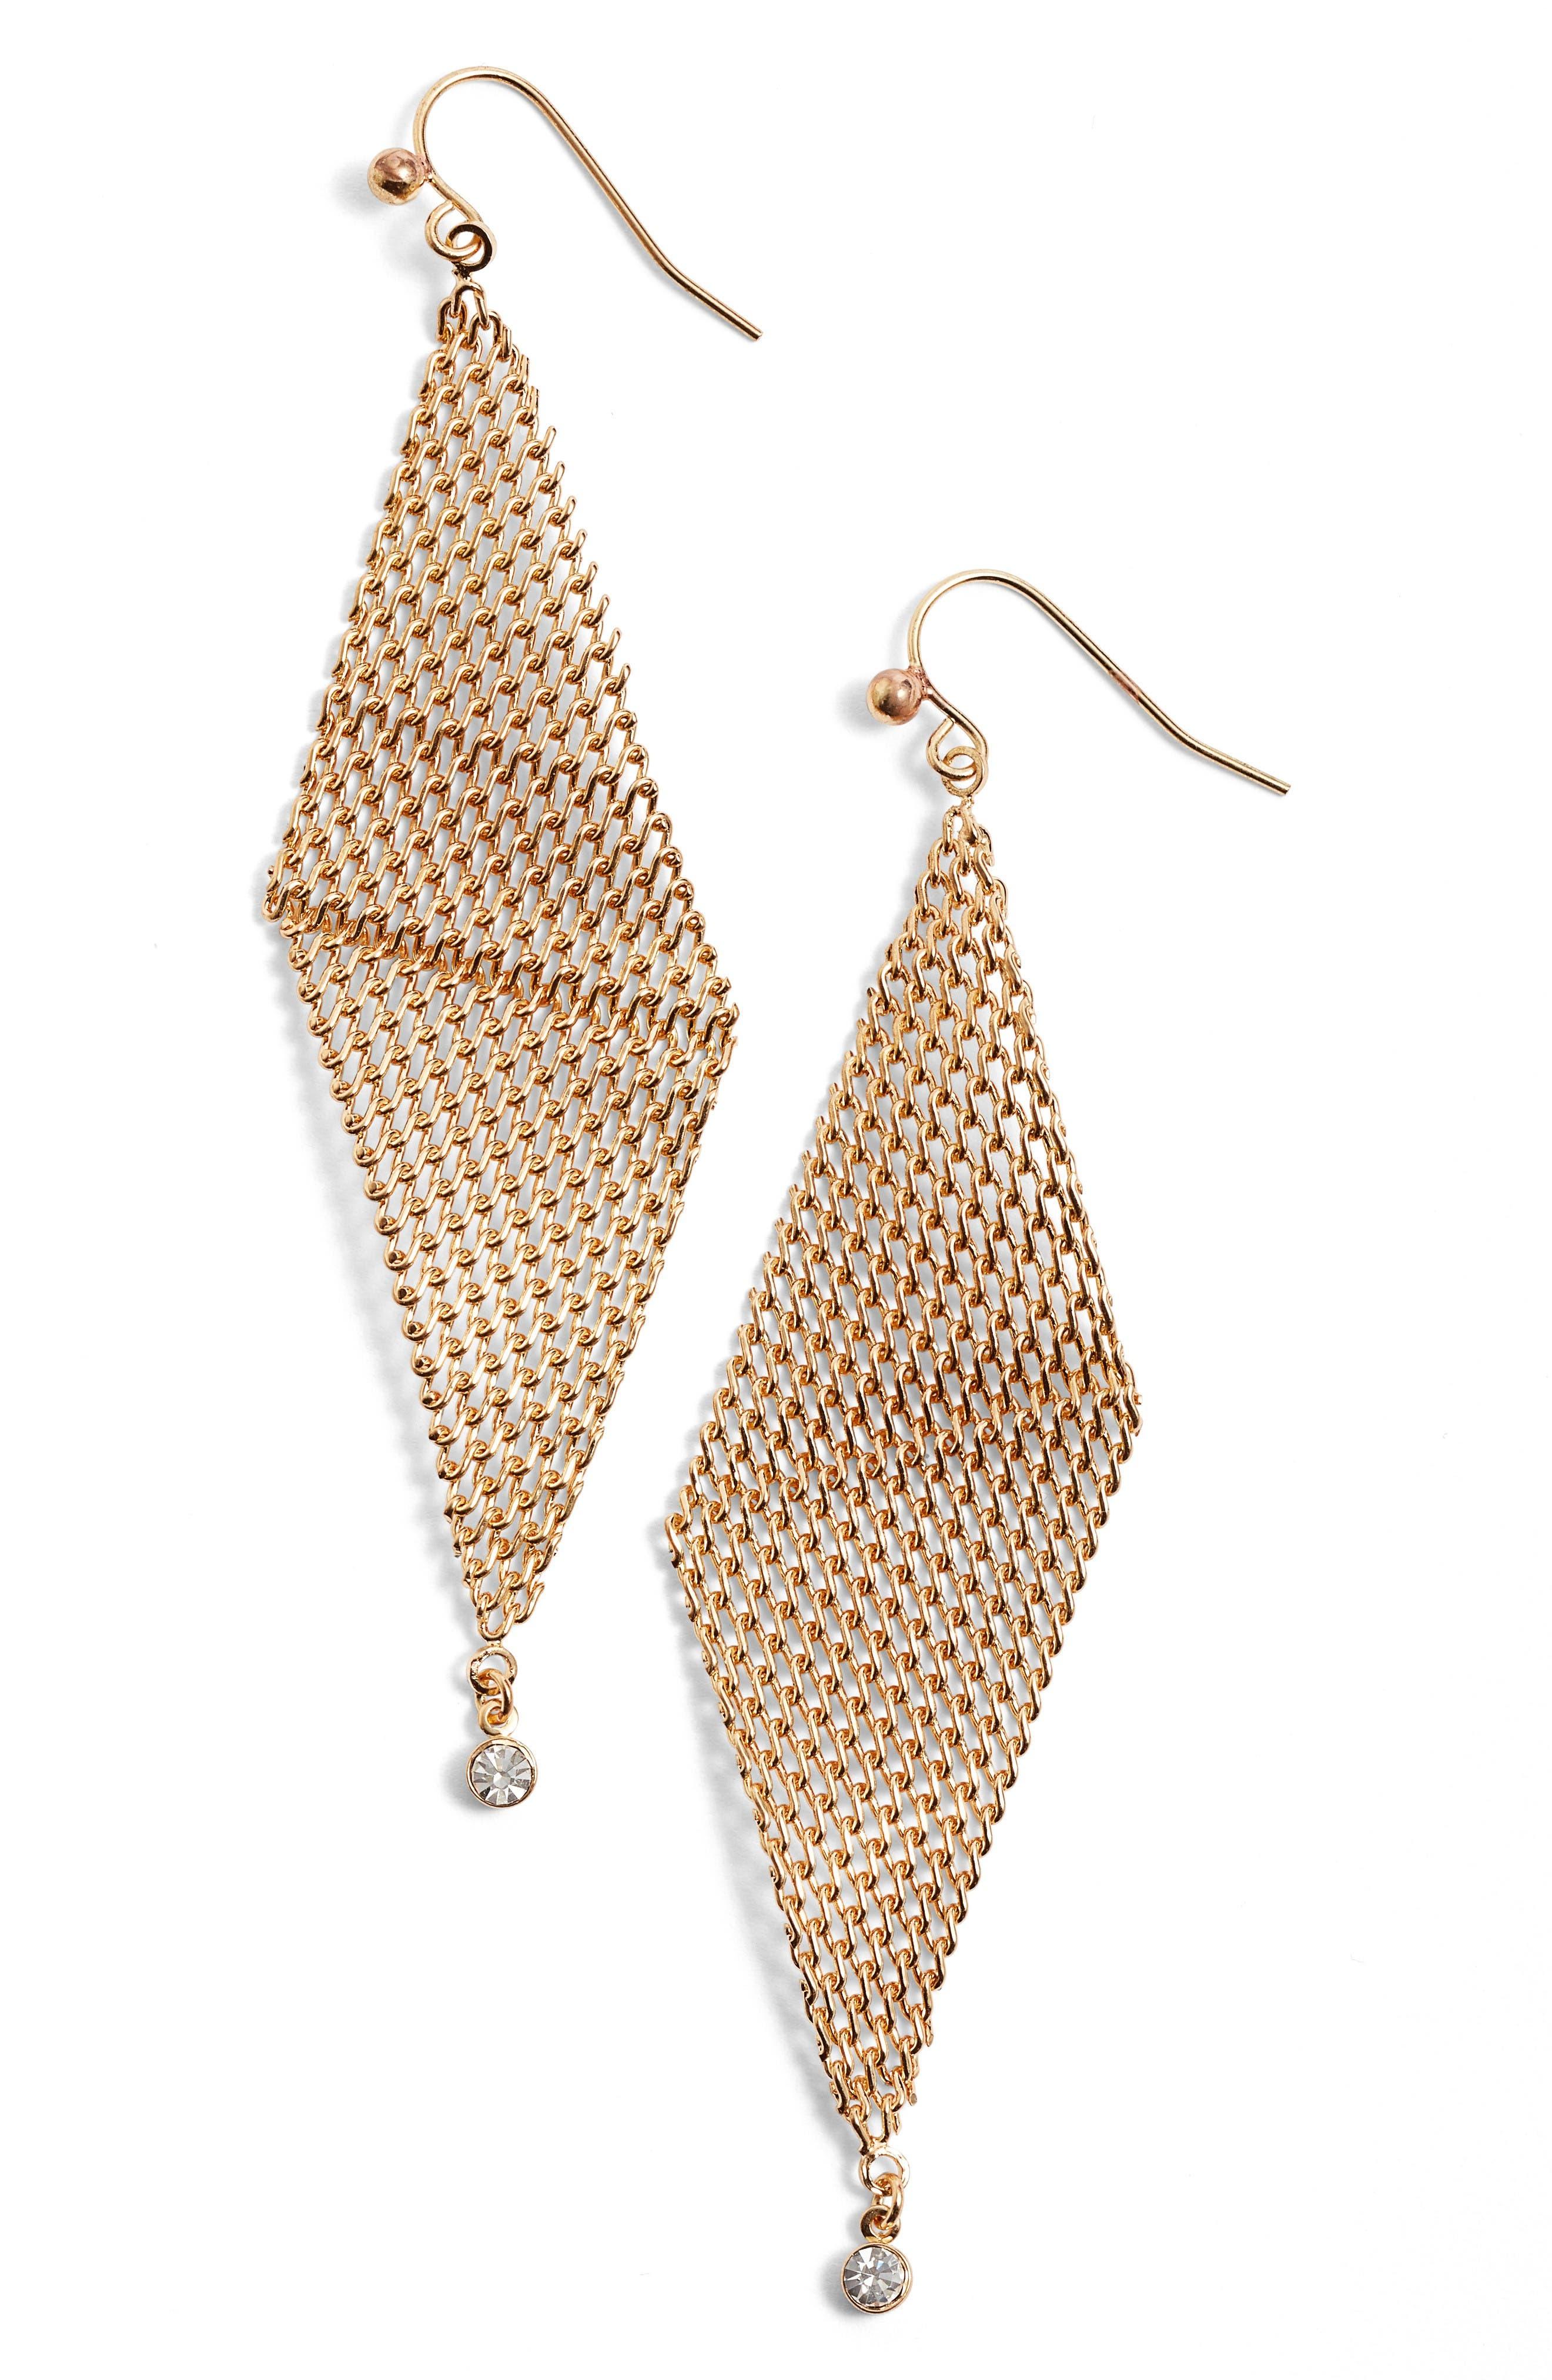 Jules Smith Crystal Mesh Earrings